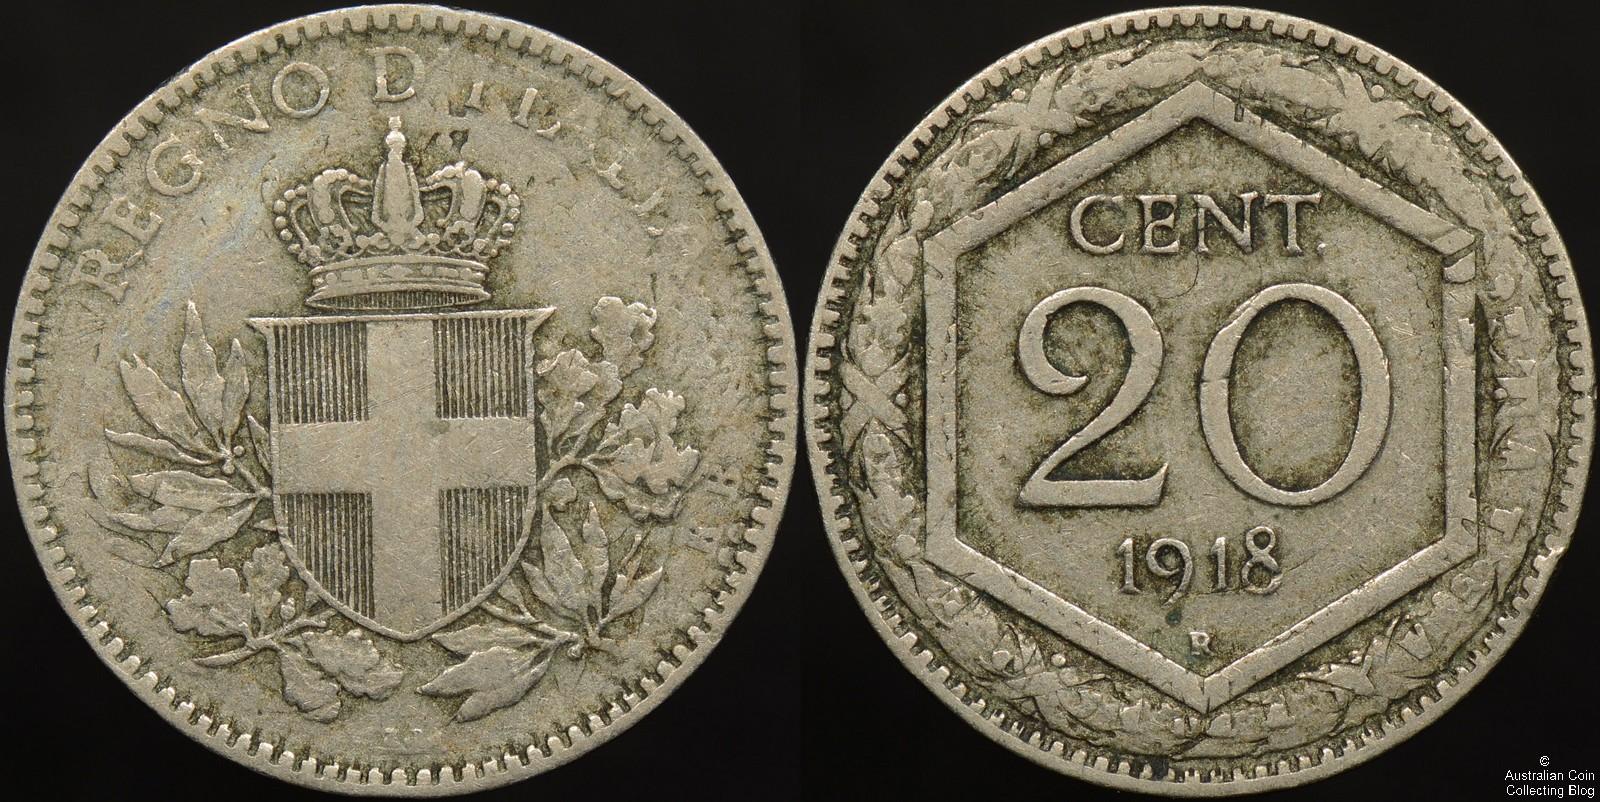 Italy 1918R 20 Centesimo Overstruck on 1894KB 20 Centesimo